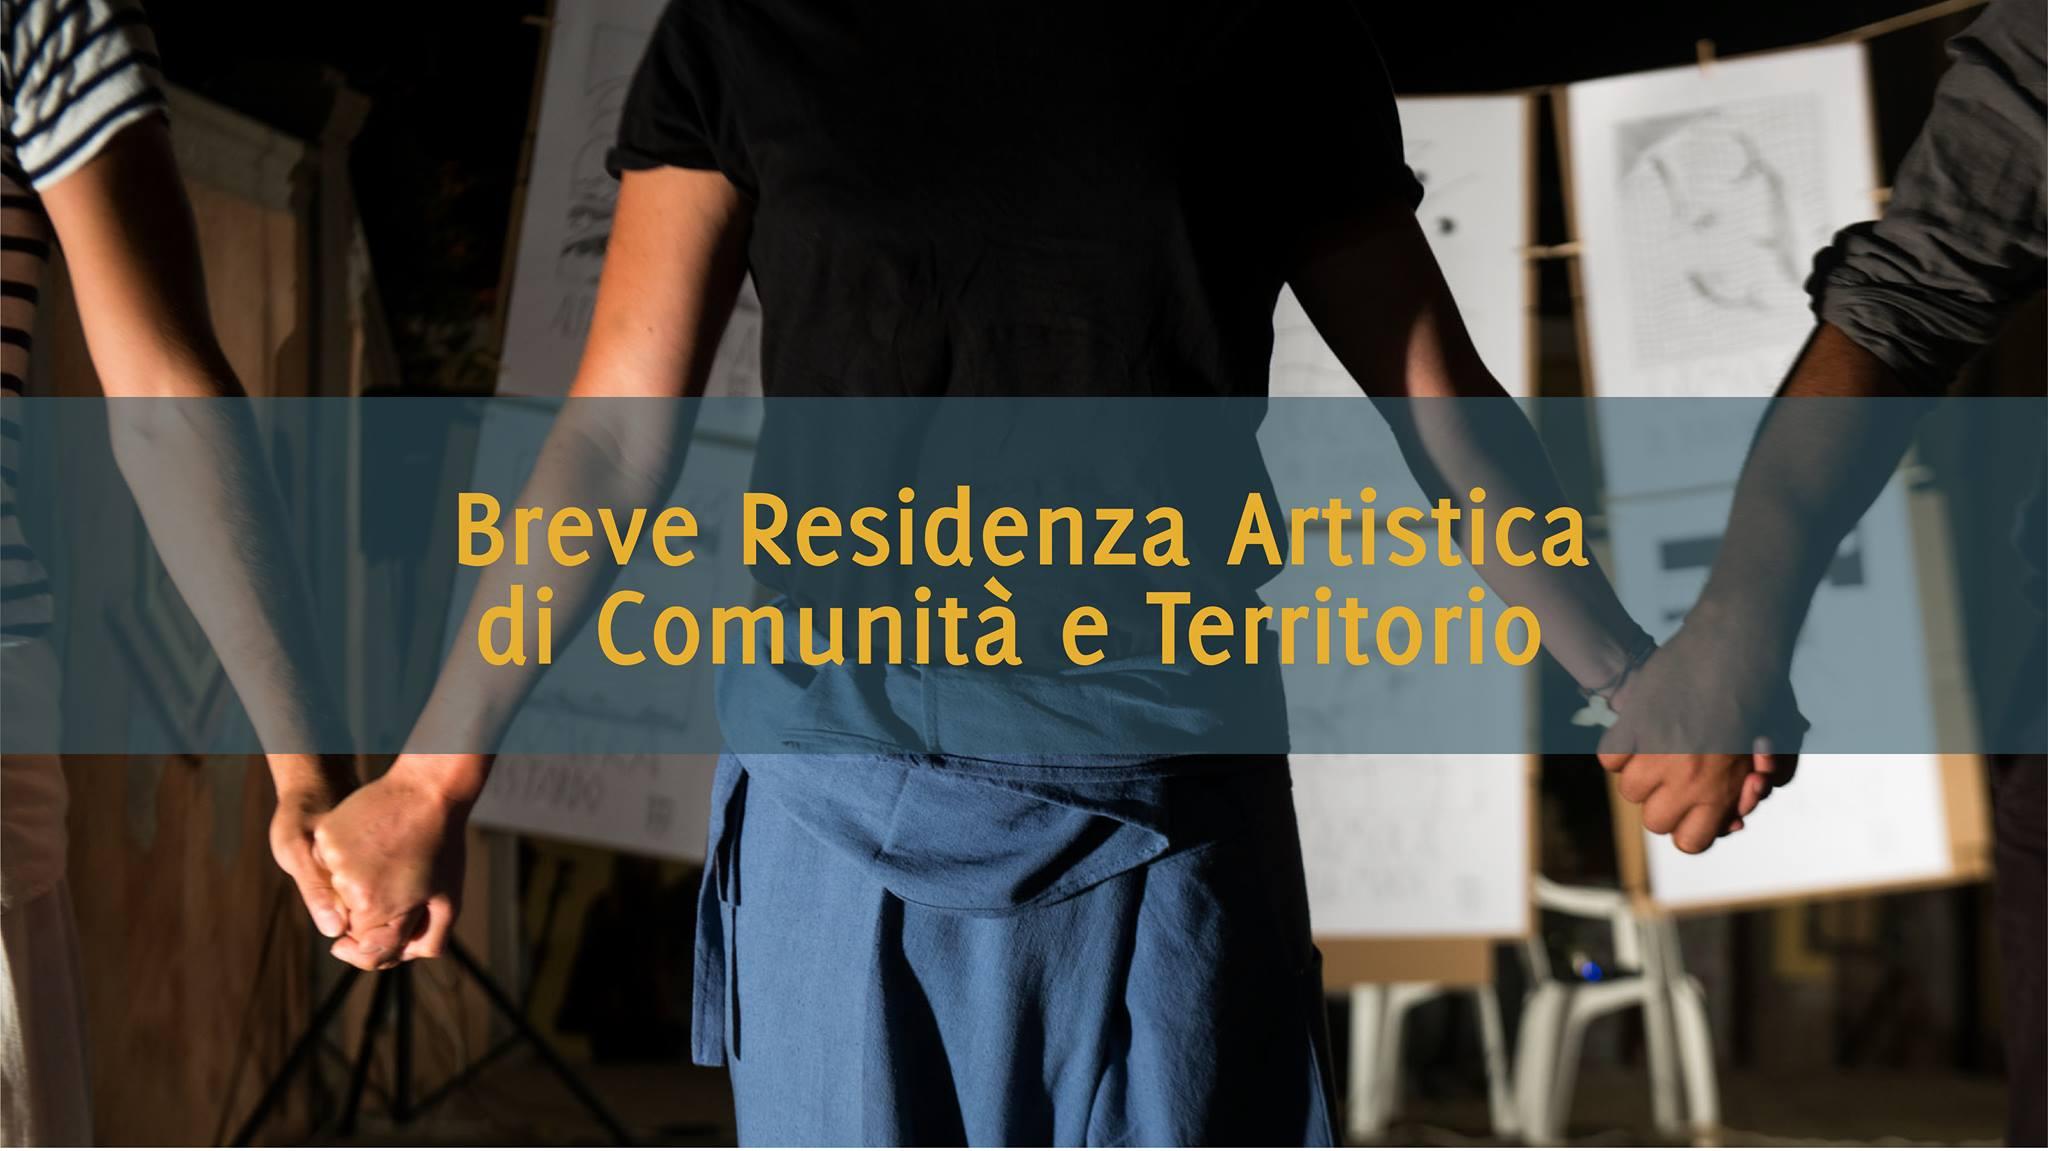 29064483 2003979216521939 2454385622822331773 o - Parte il progetto BRACT 2018 - Se ci fosse un artista vicino di casa si vivrebbe meglio? - AAA